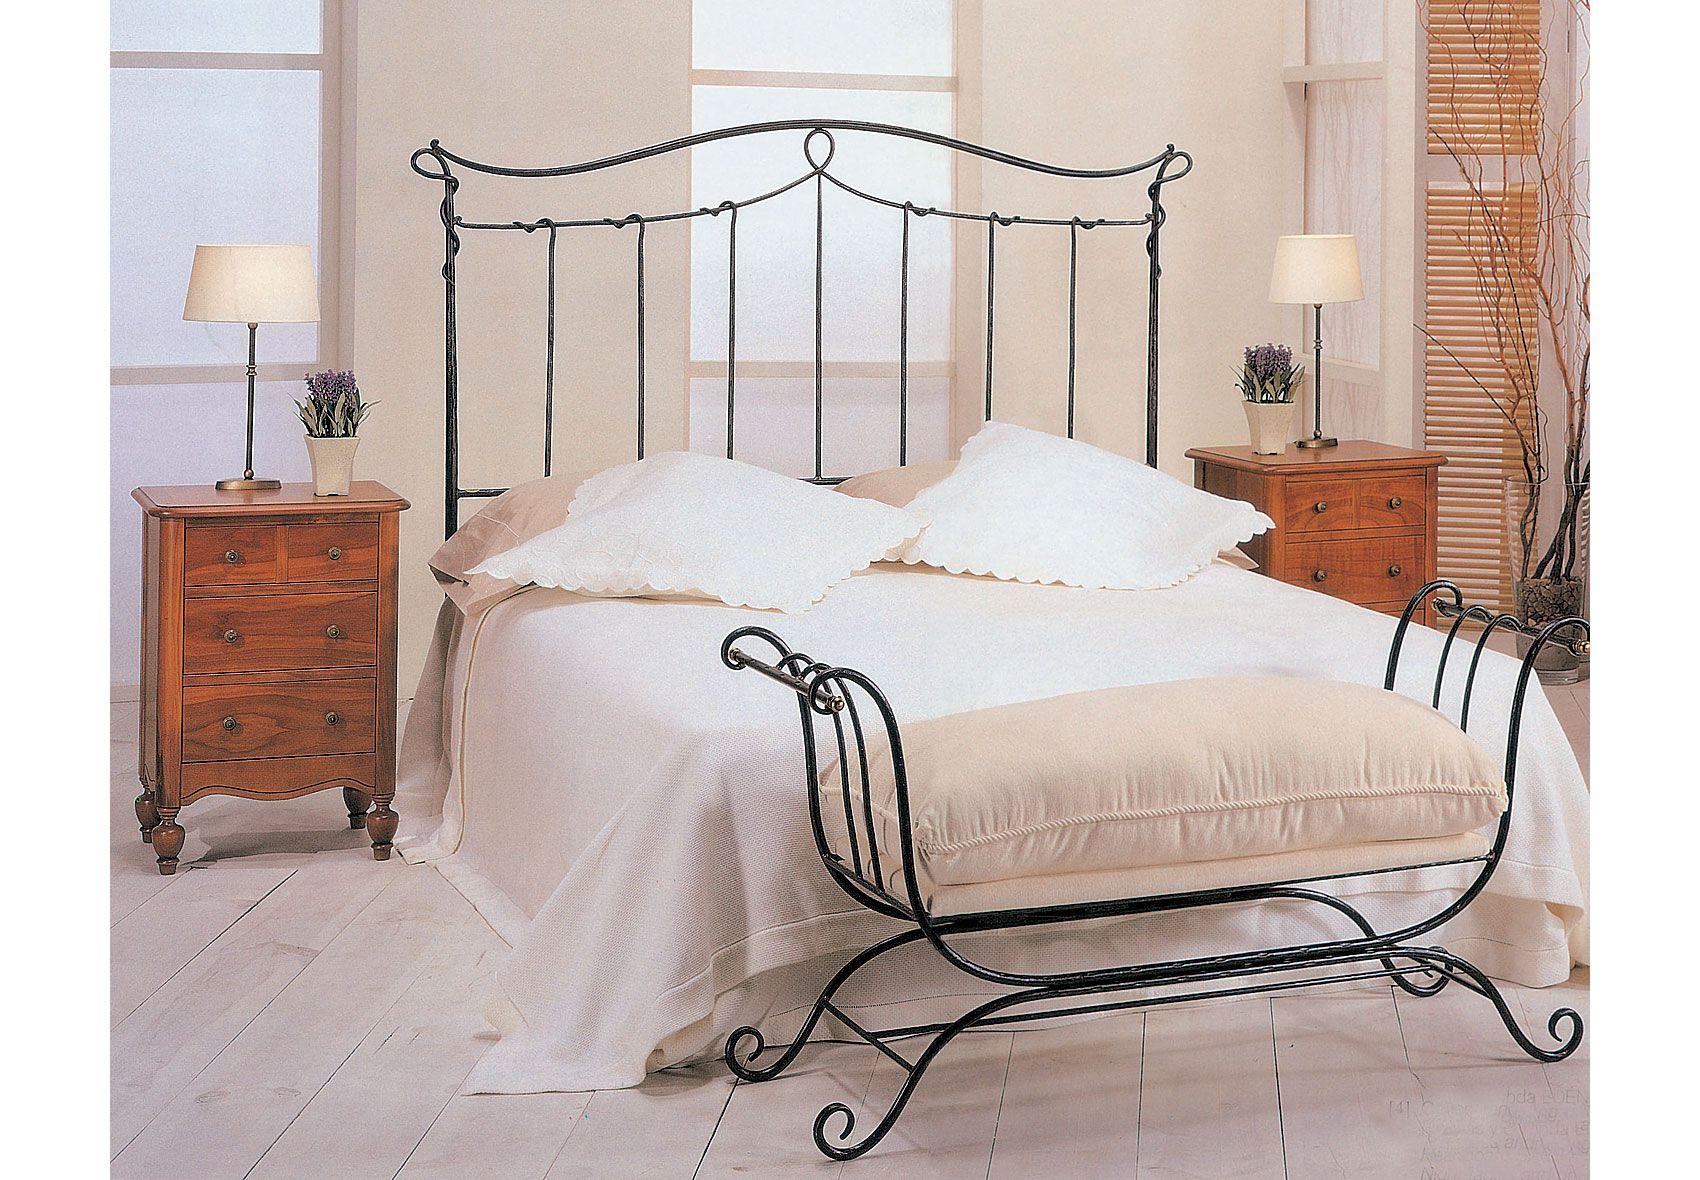 Dormitorio forja barbara de lujo en for Catalogo de muebles de dormitorio